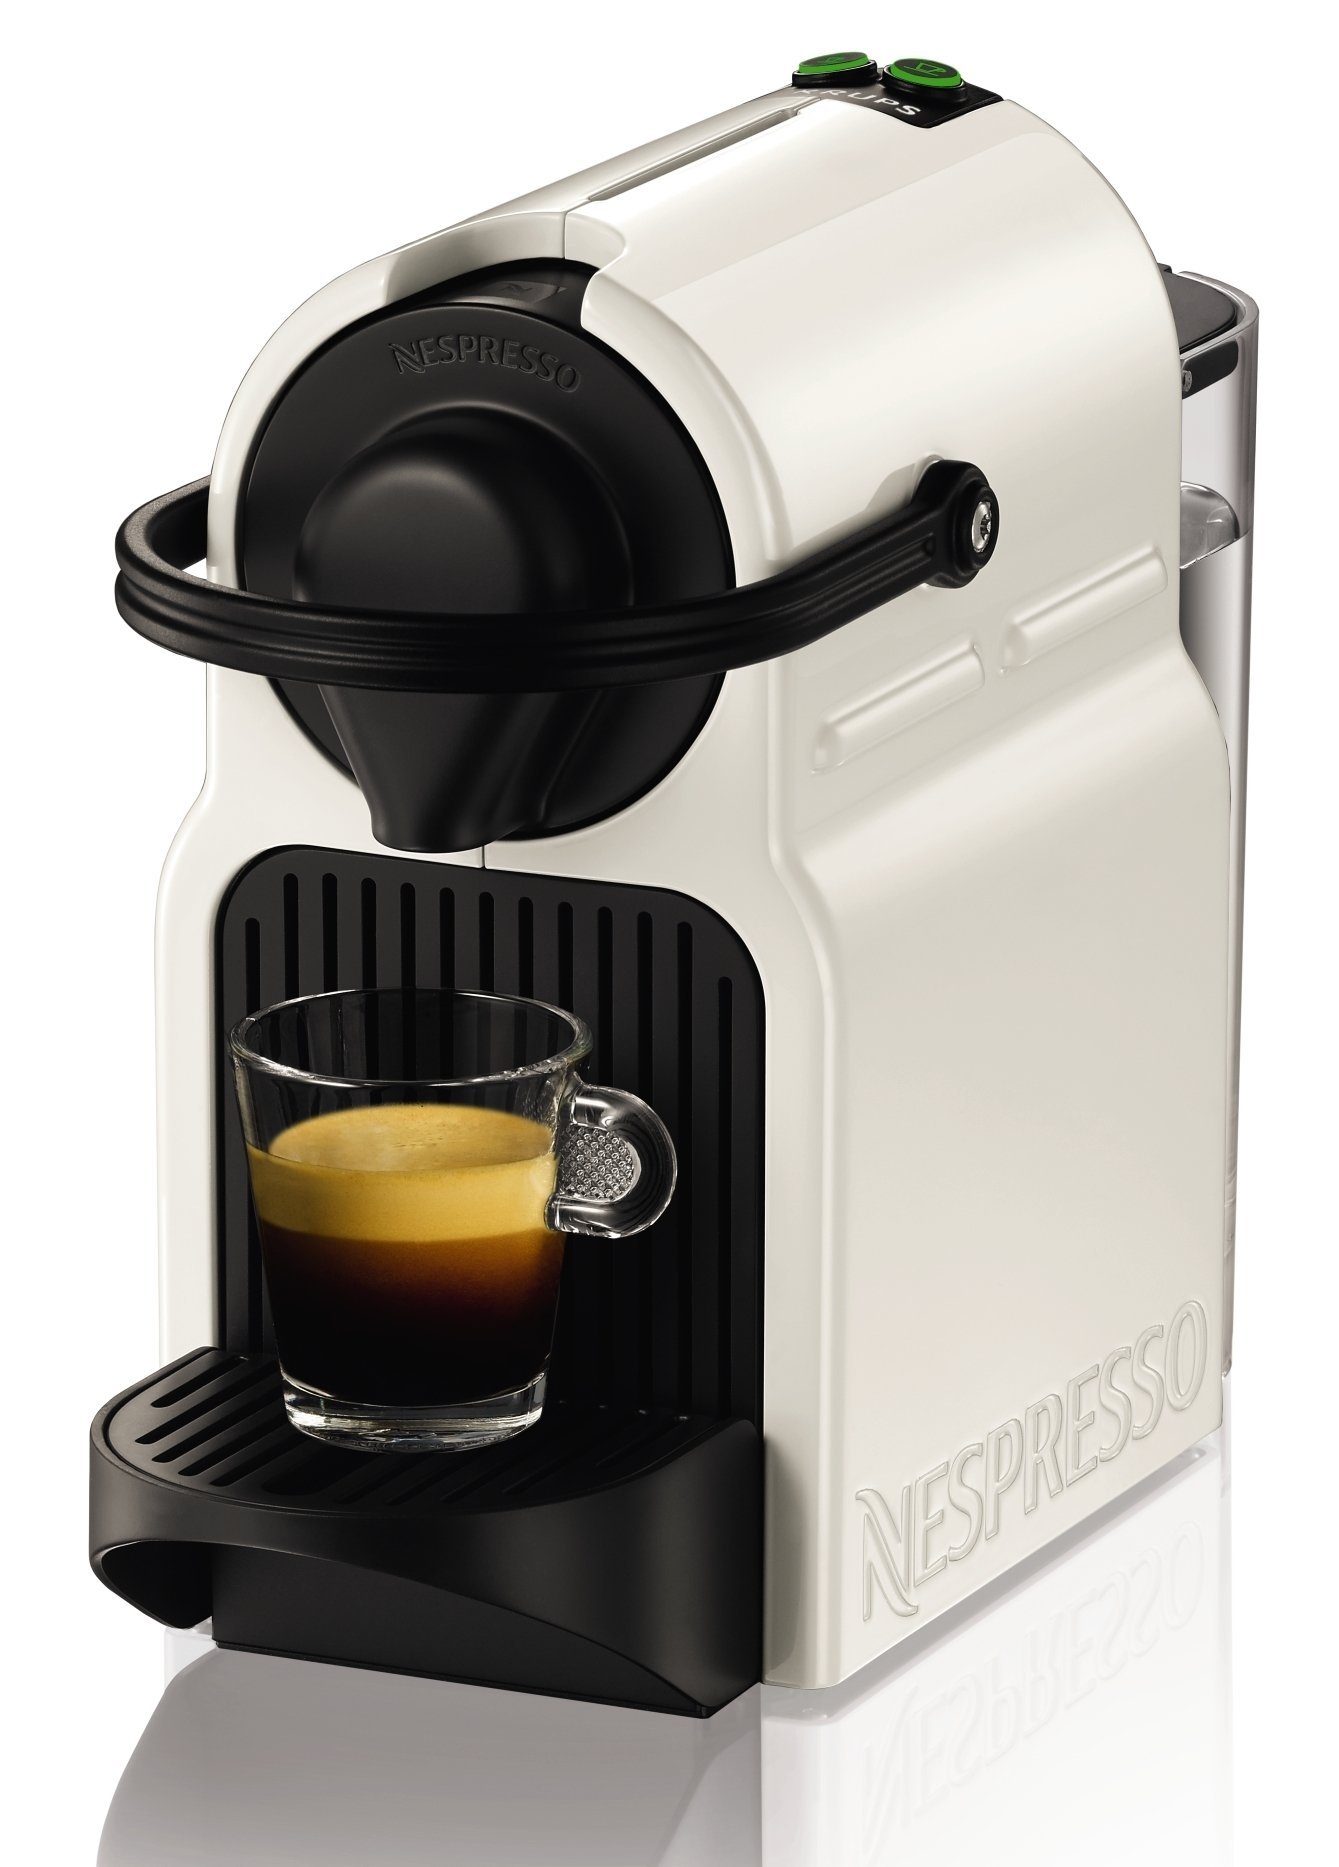 Krups-Nespresso-XN1001-Inissia-Kaffeekapselmaschine-19-bar-weiZertifiziert-und-Generalberholt